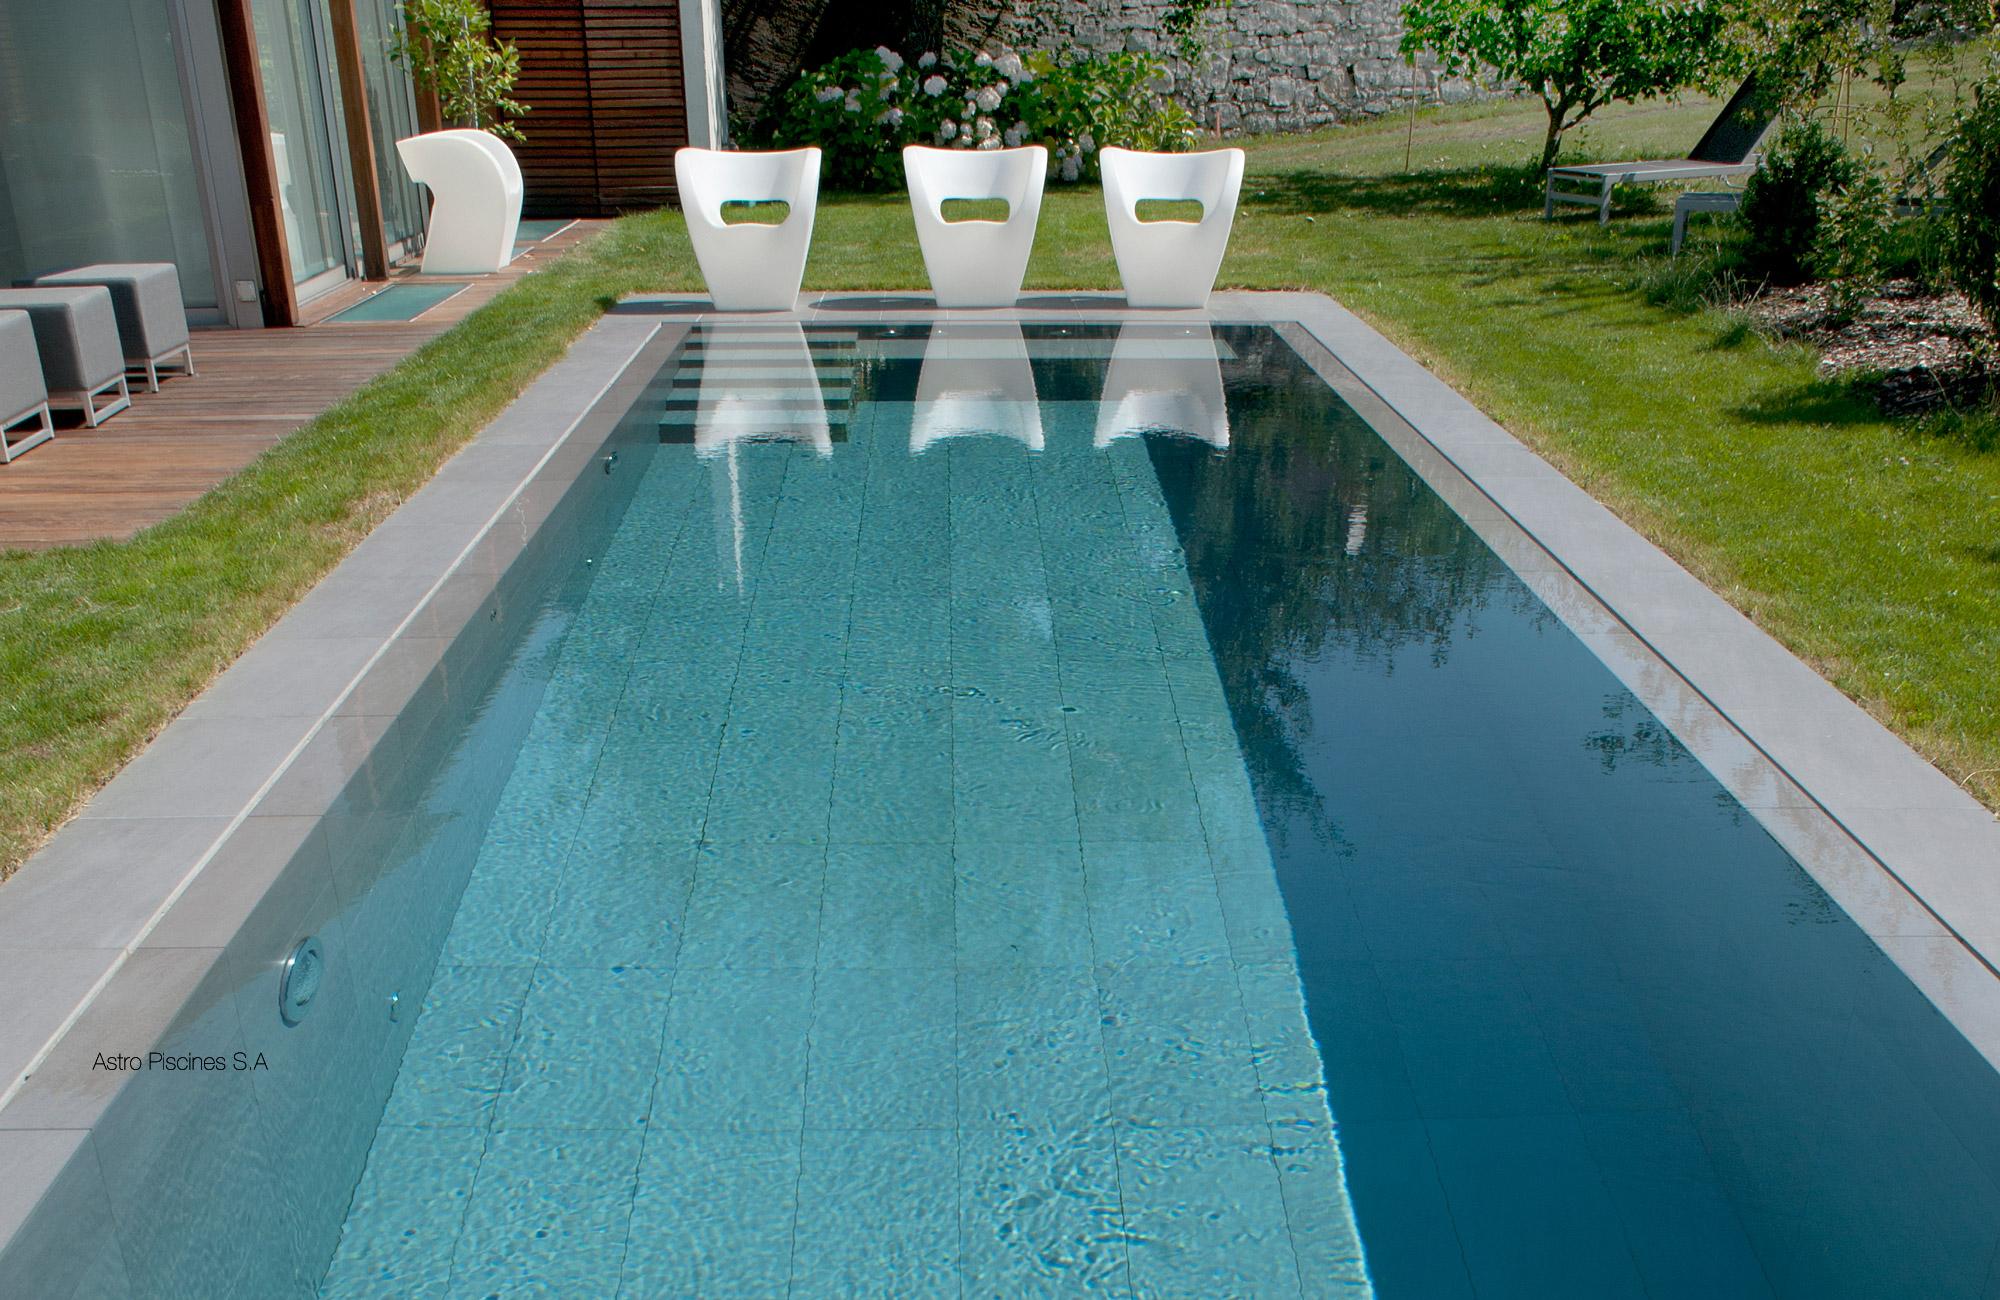 Chauffez l 39 eau de votre piscine gratuitement chauffage for Chauffer une piscine